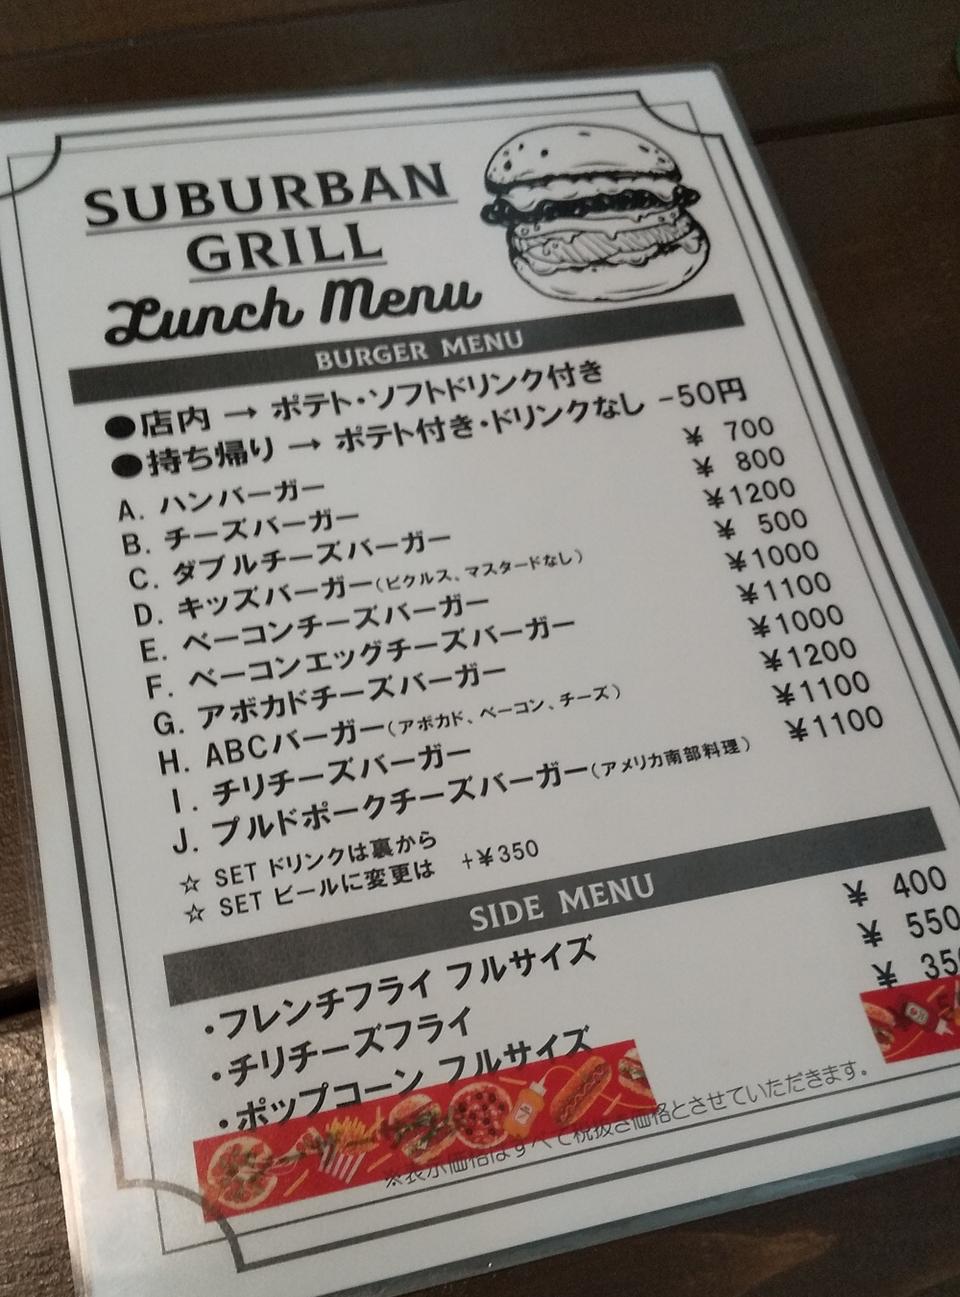 【神奈川、茅ヶ崎にあるおすすめハンバーガー店】SUBURBAN GRILL 味も価格もに100点満点!!_4